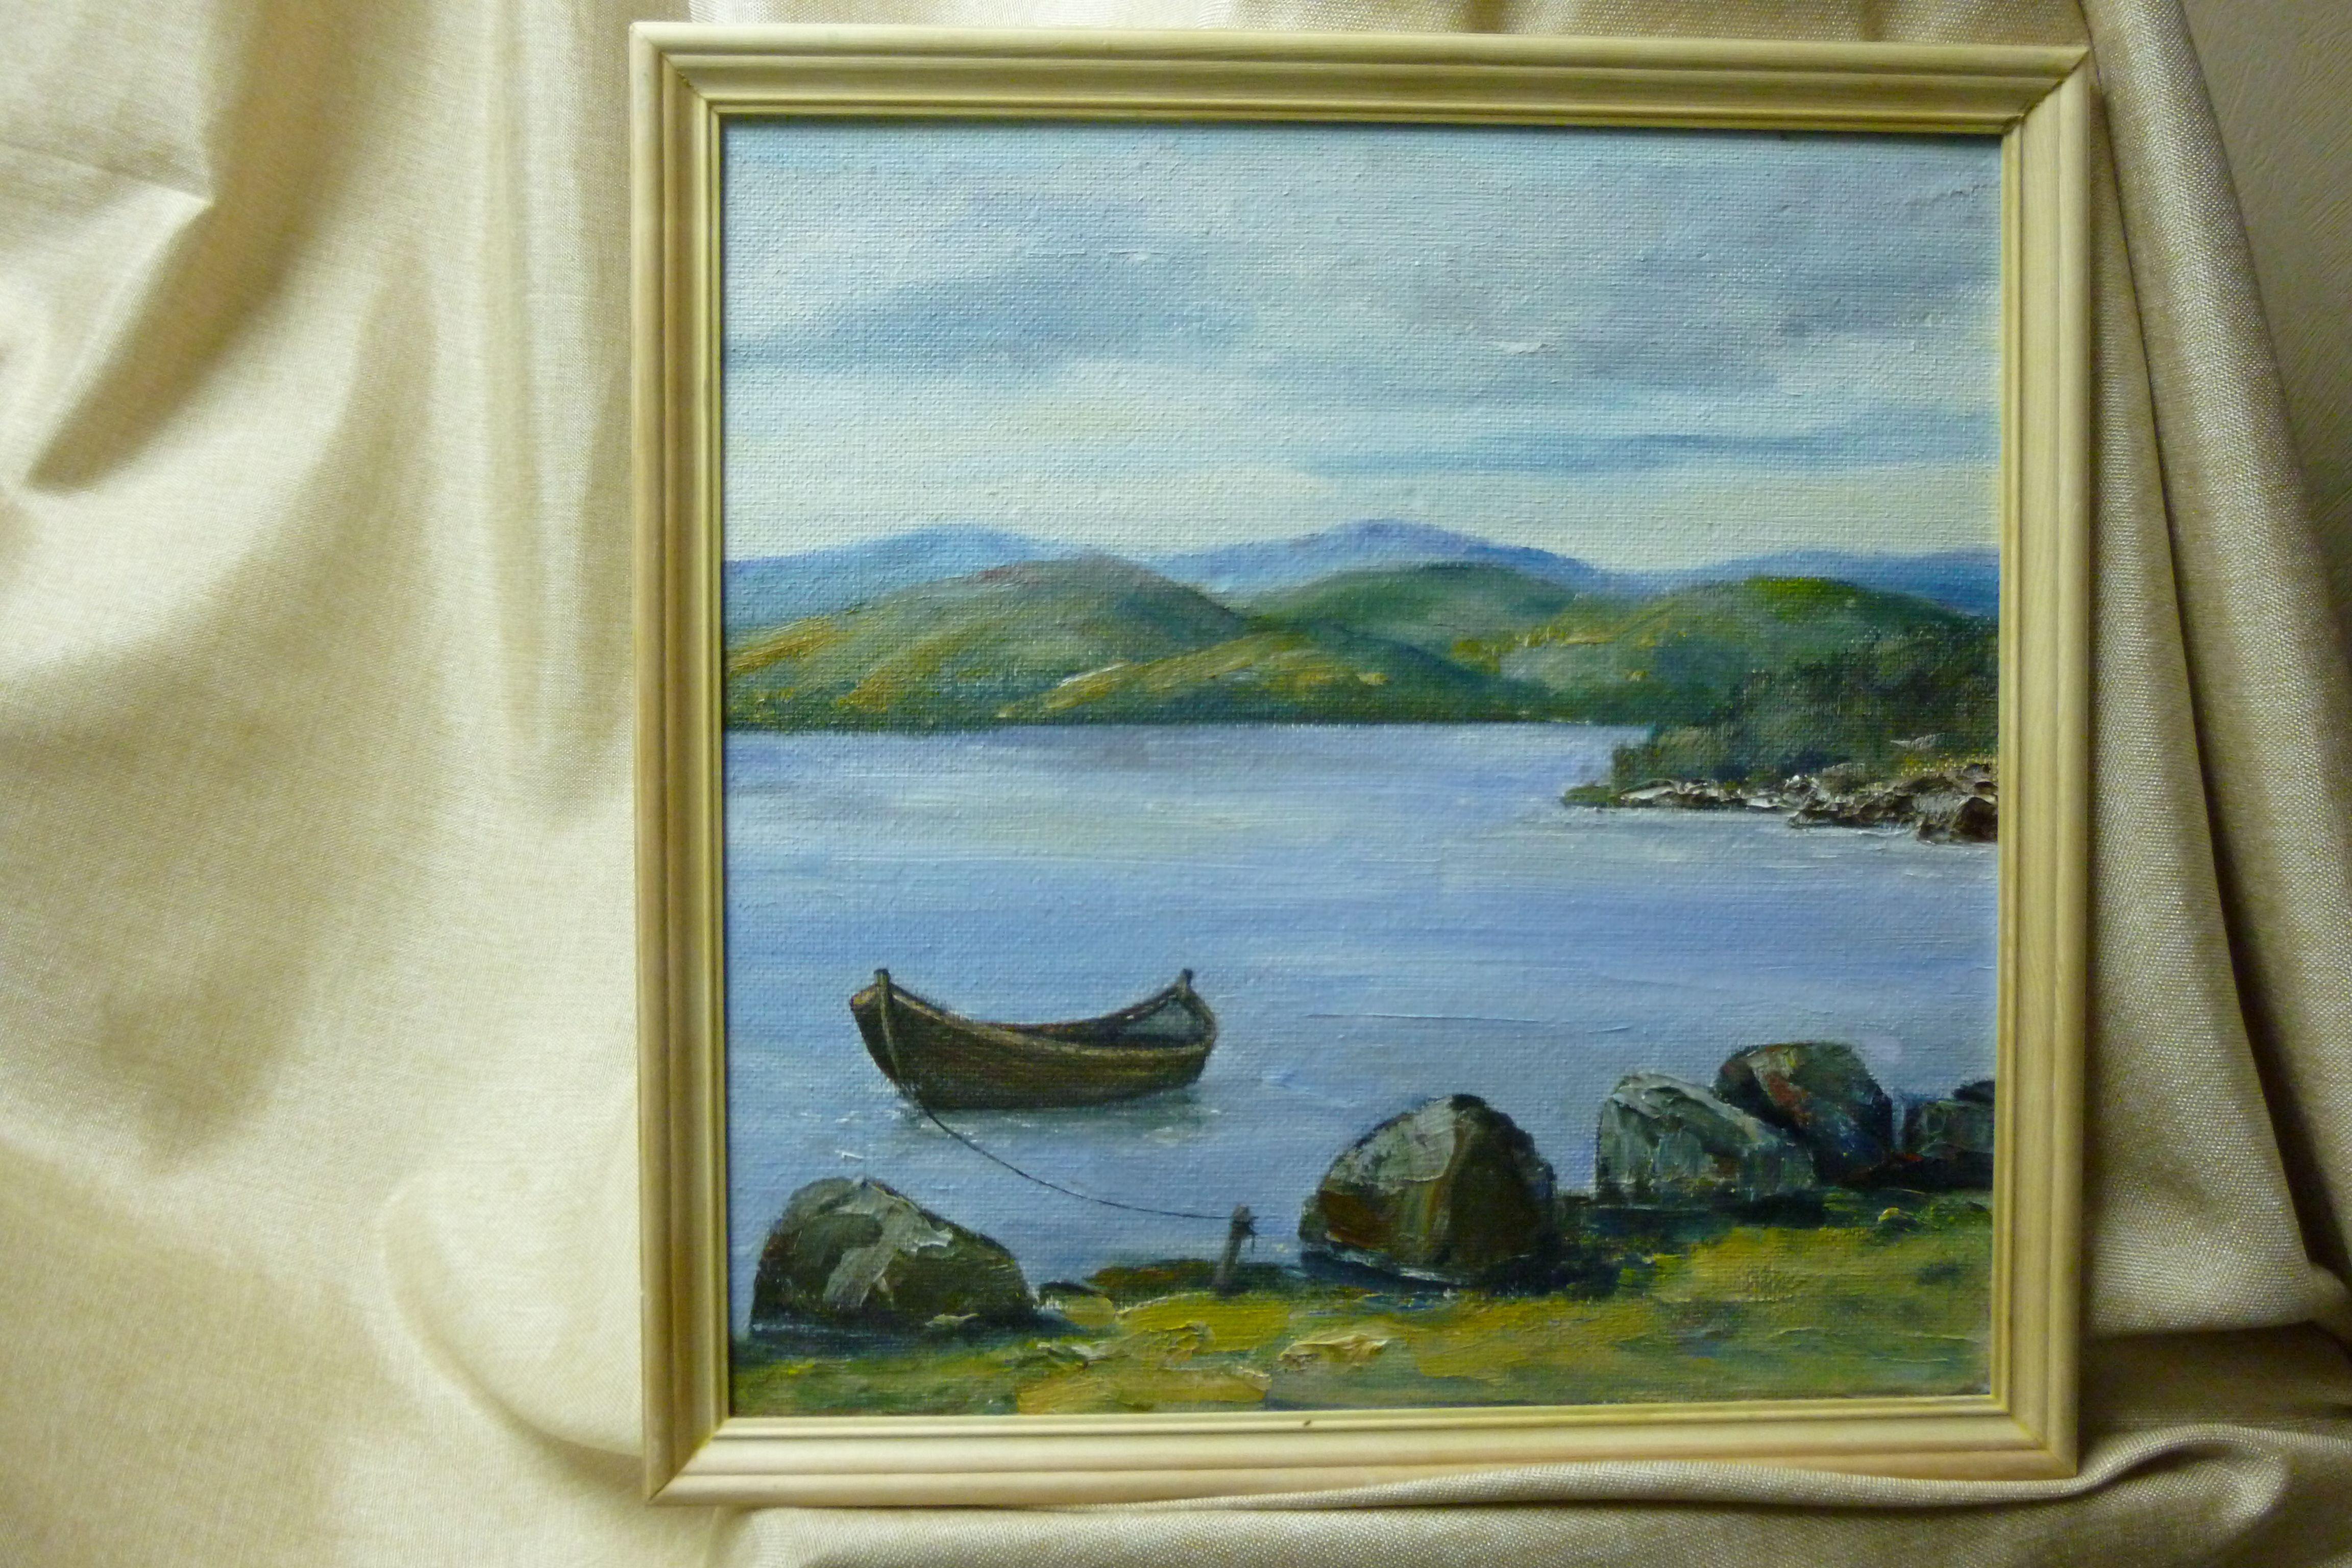 пейзаж картинамаслом зеленый север море берег лодка сопки камни голубой